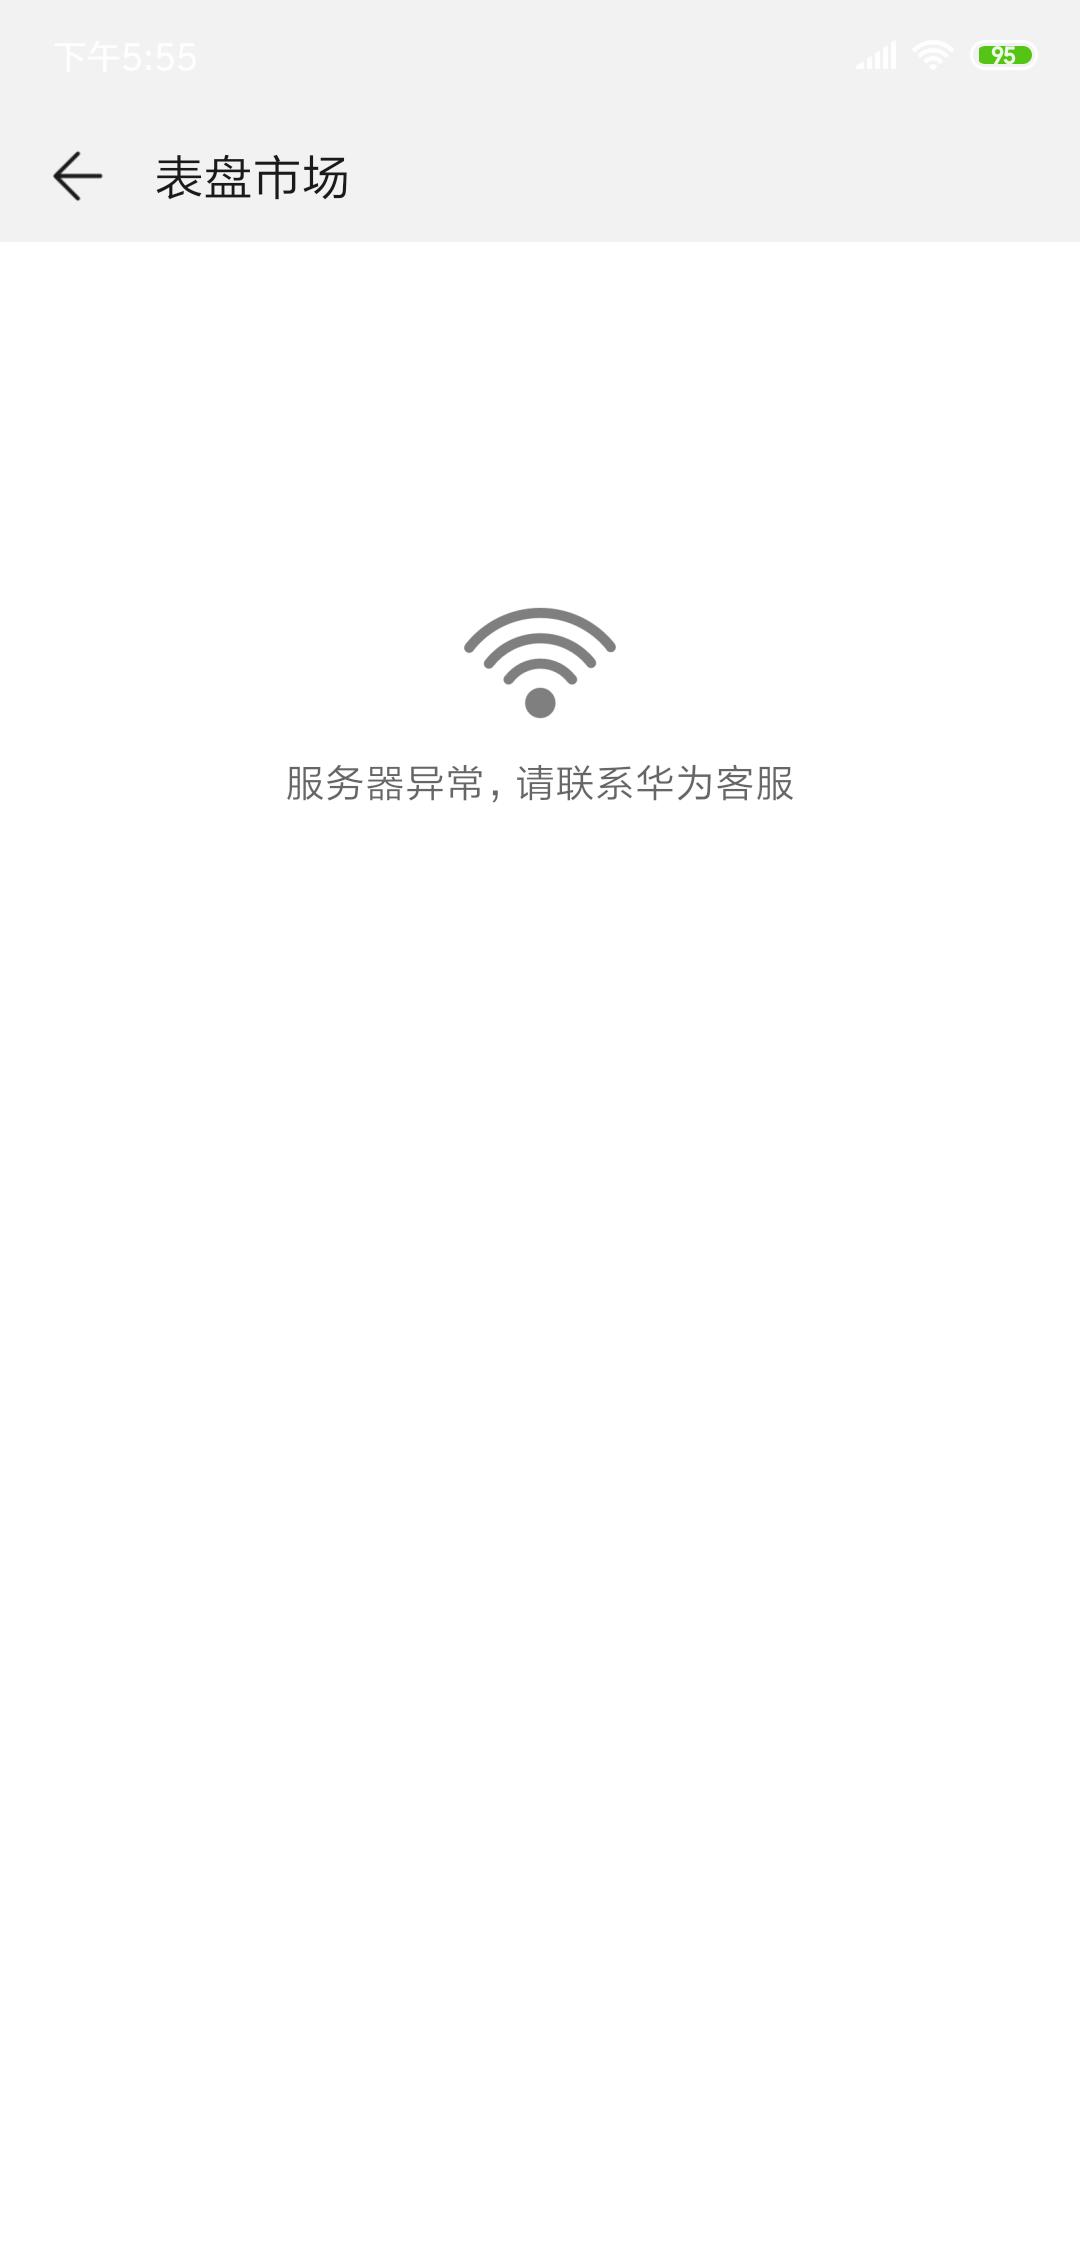 Screenshot_2019-04-18-17-55-32-981_com.huawei.health.png